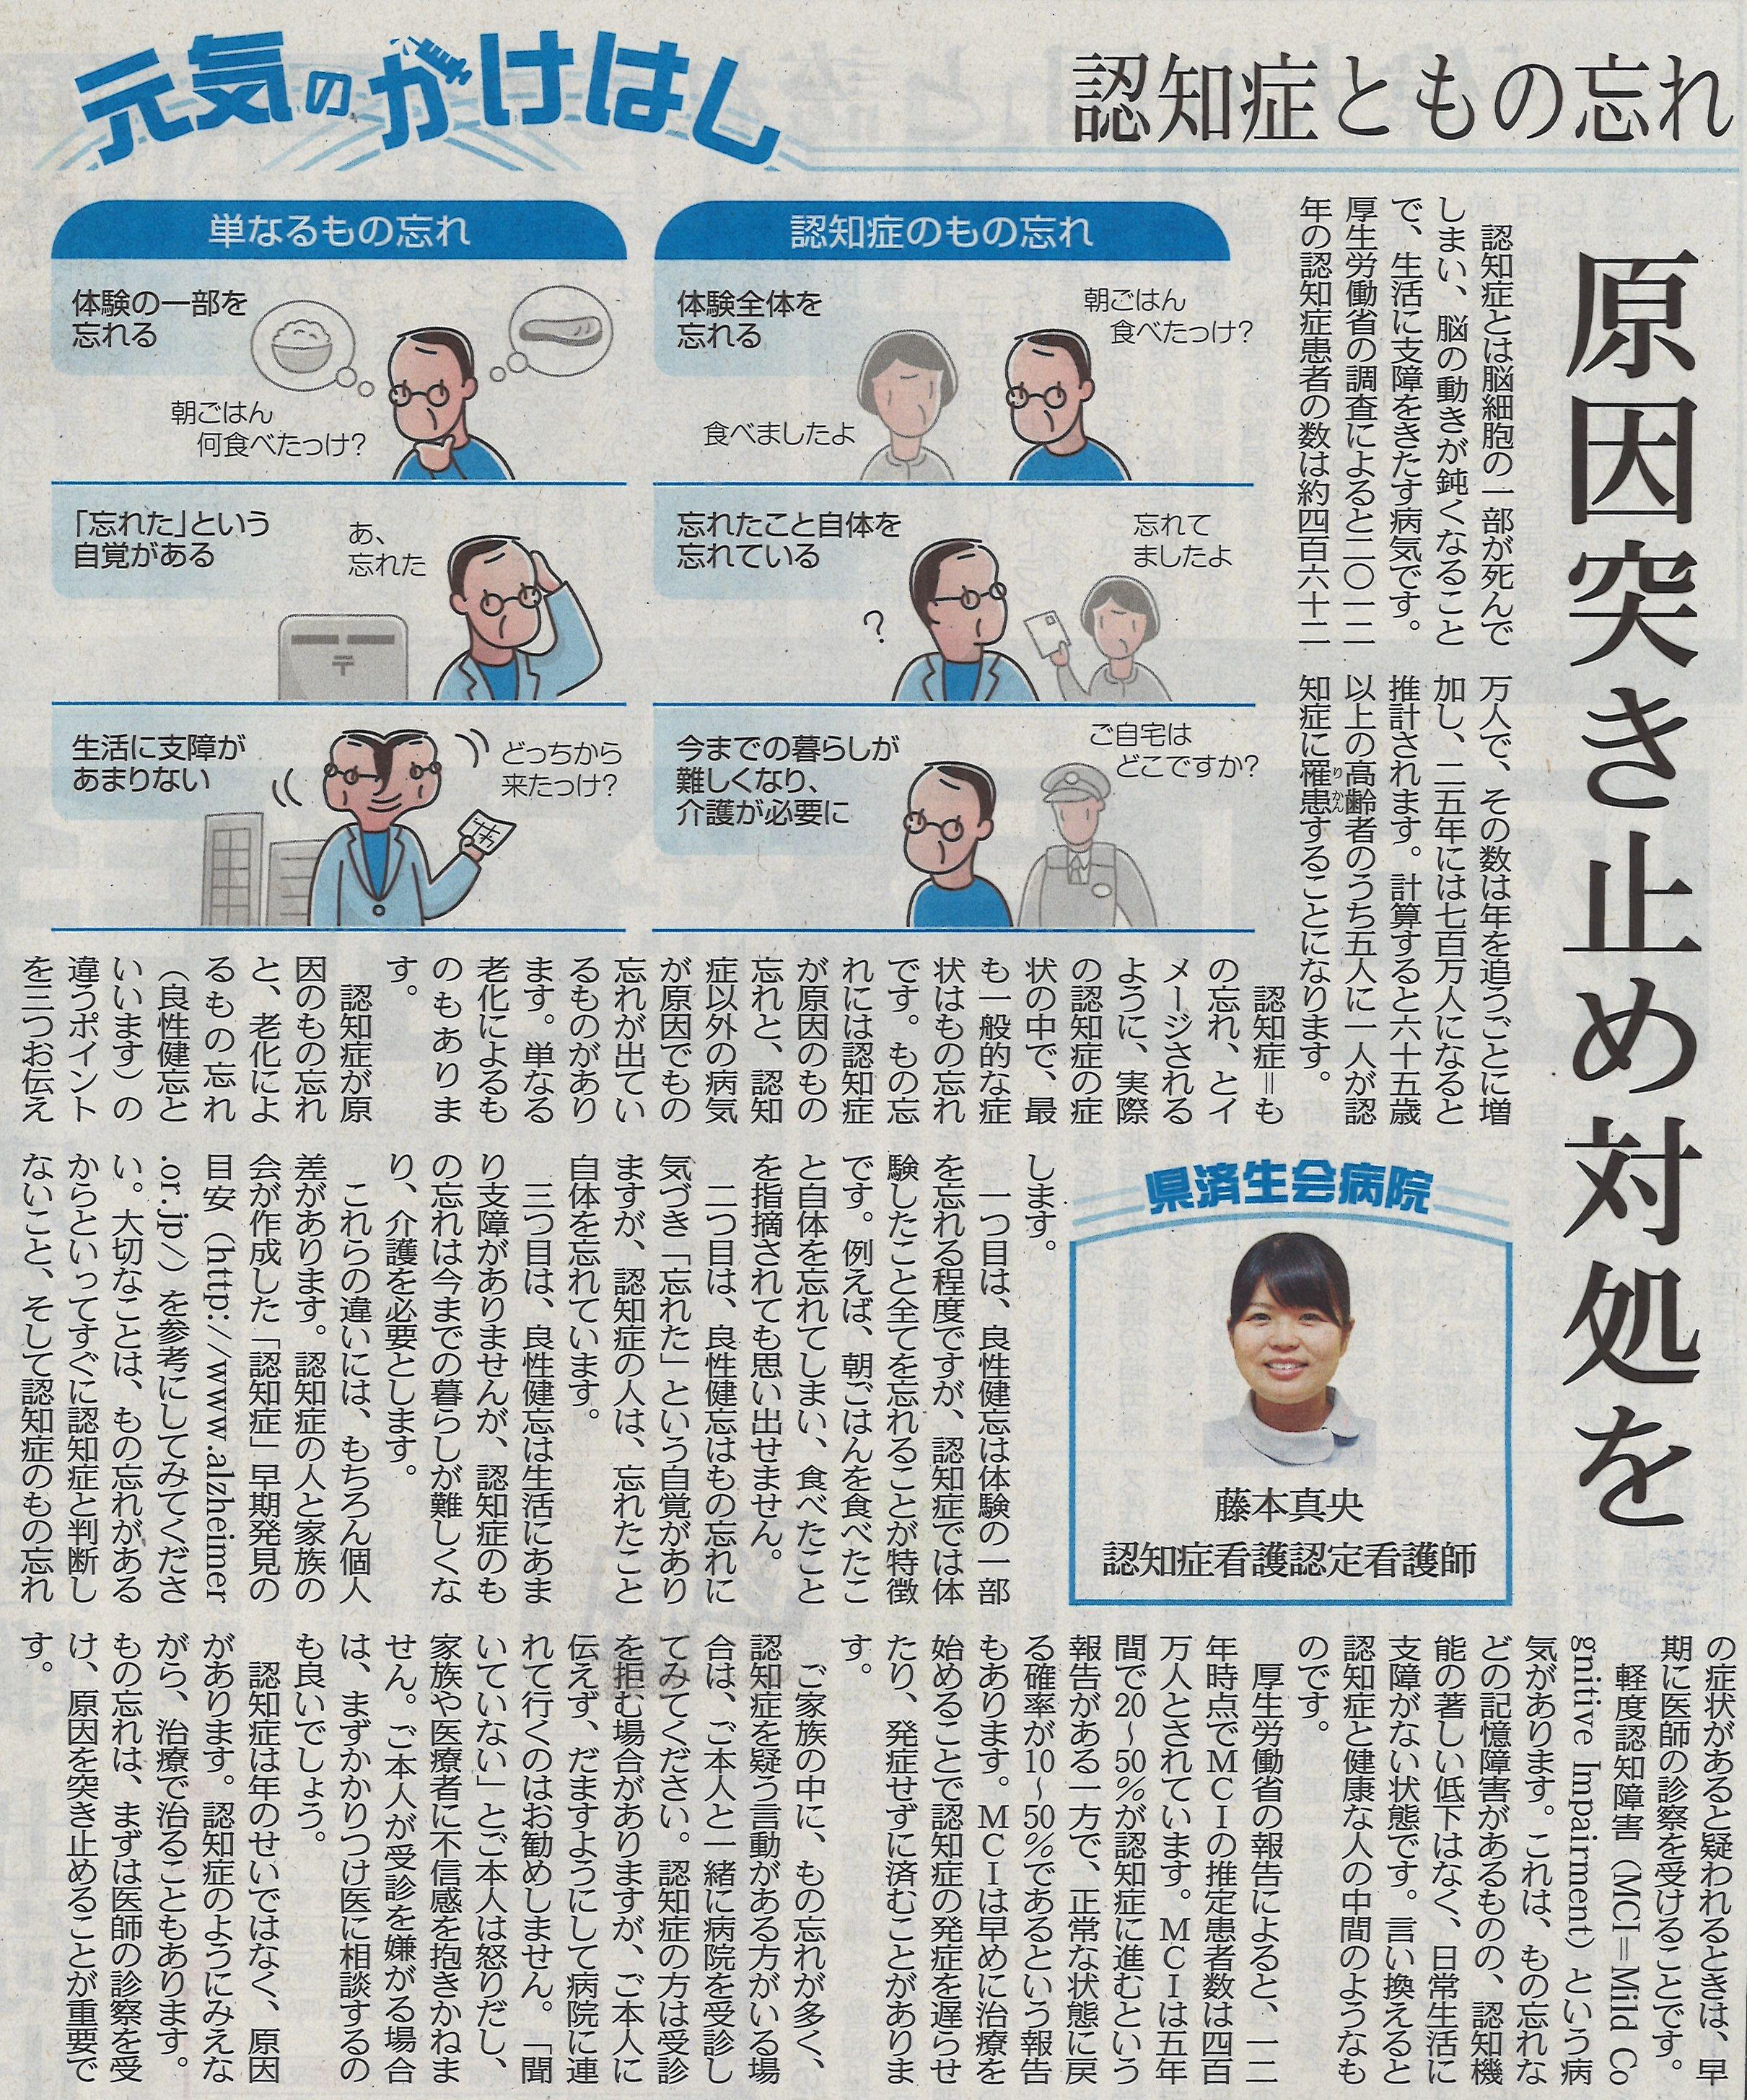 2019年2月7日 日刊県民福井